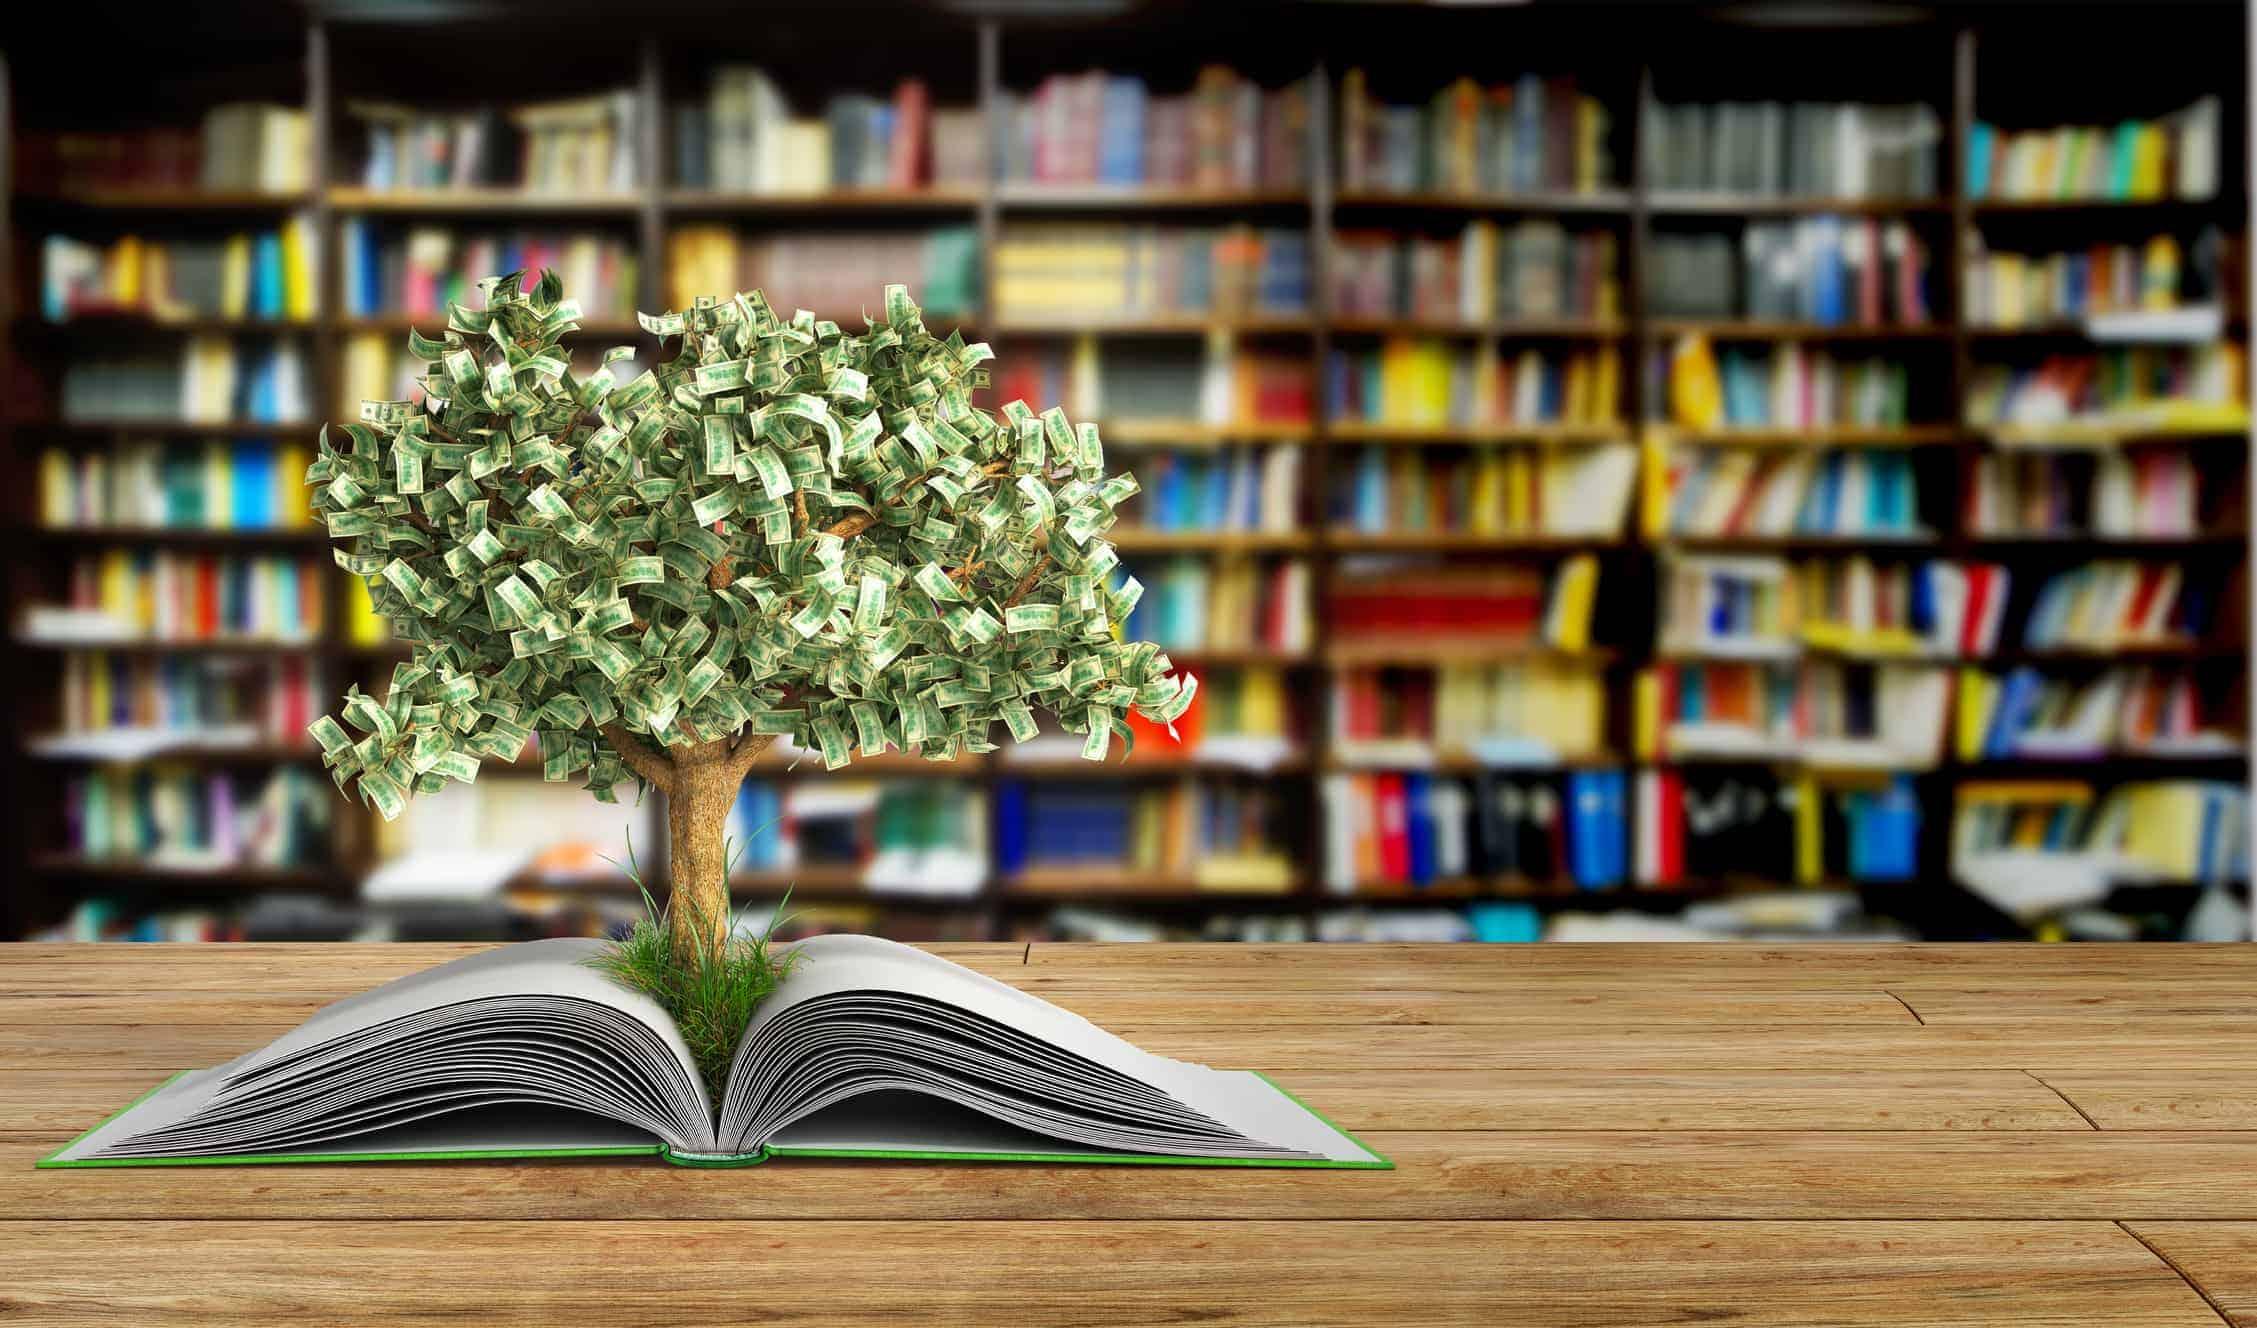 arbol de educación financiera